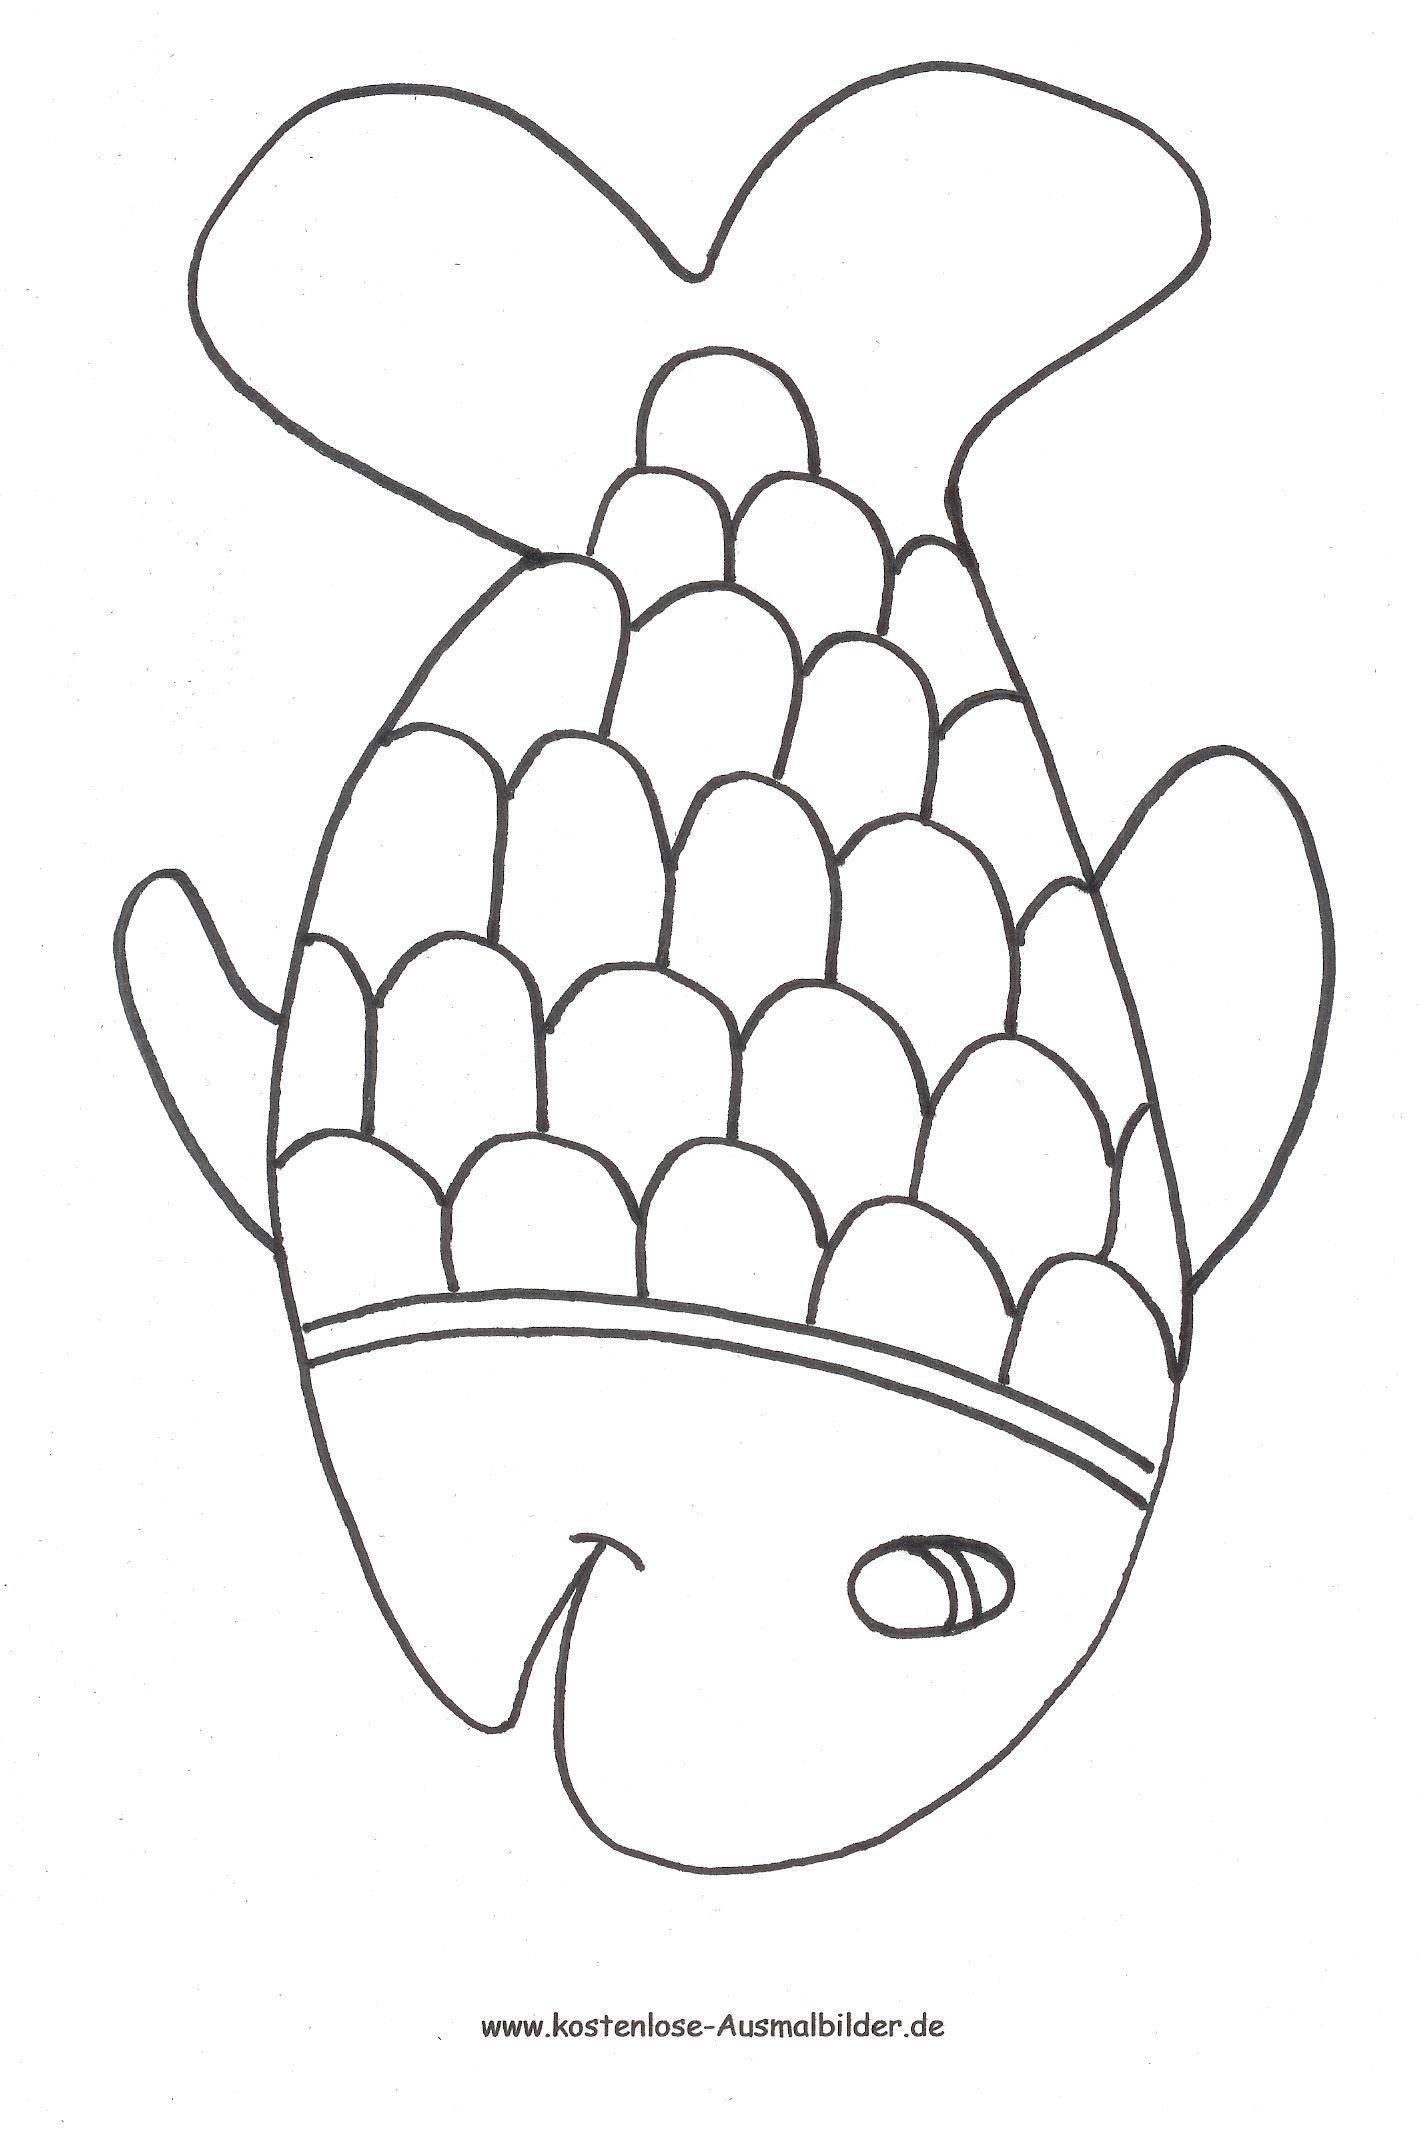 Ausmalbilder Fische Gratis Ausmalbilder Für Kinder Malvorlagen